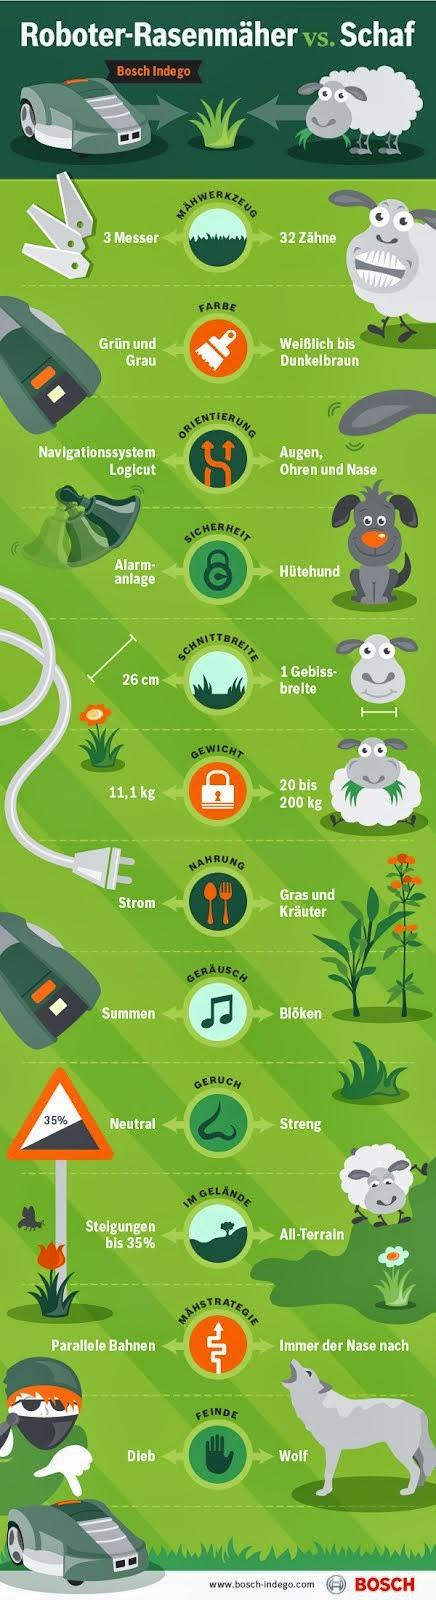 Der Weg zum schönen Rasen...